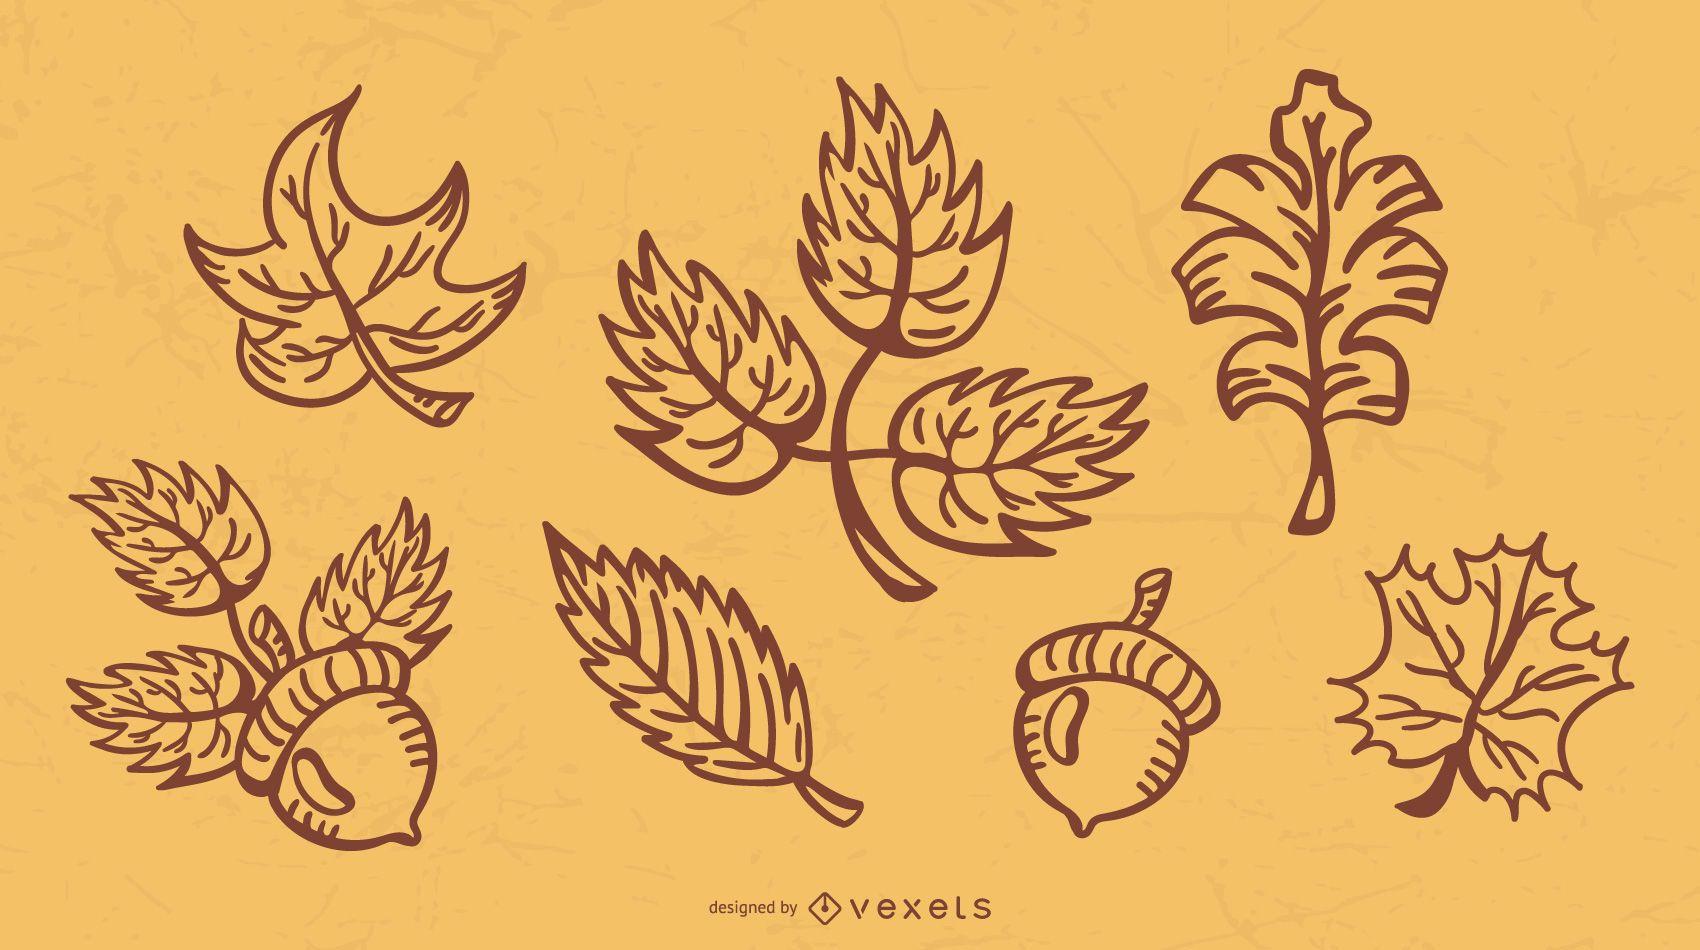 Fall Leaves Stroke Illustration Pack